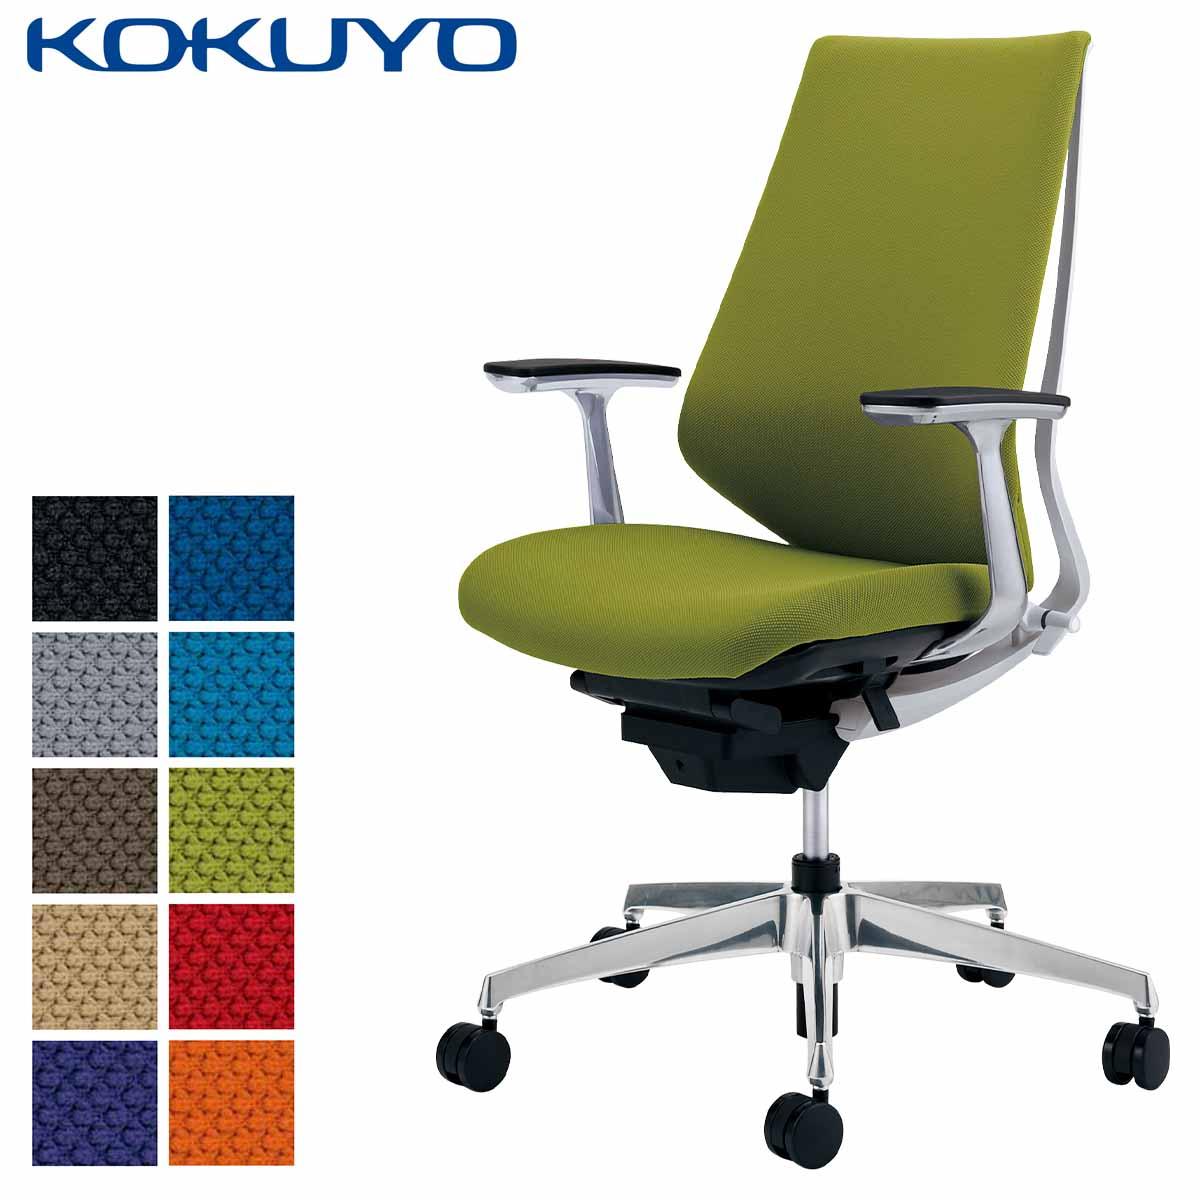 コクヨ デスクチェア オフィスチェア 椅子 duora デュオラ CR-GA3141E1 クッションタイプ ハイバック アルミ肘 ホワイトフレーム アルミポリッシュ脚 -v フローリング用キャスター